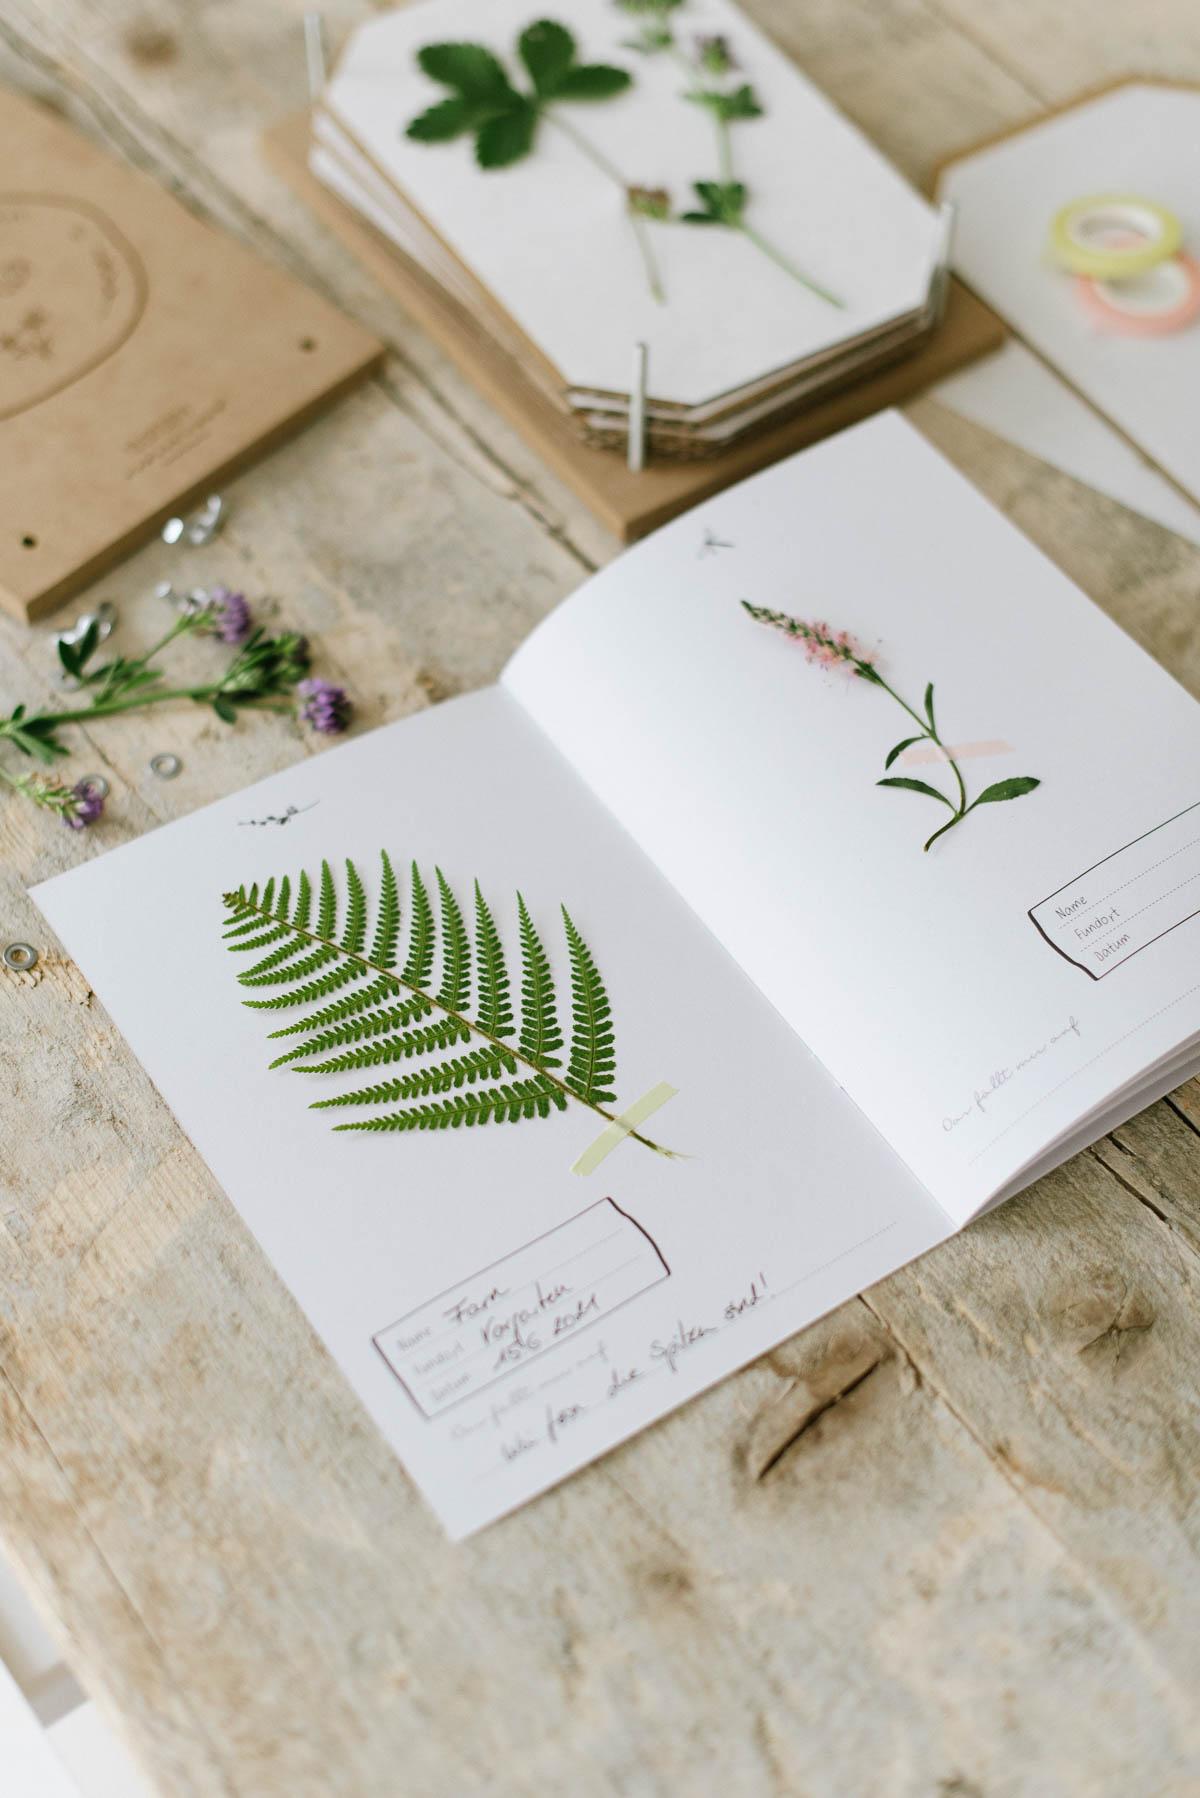 Gepresste Blumen und Pflanzen werden im Herbarium aufbewahrt und beschriftet